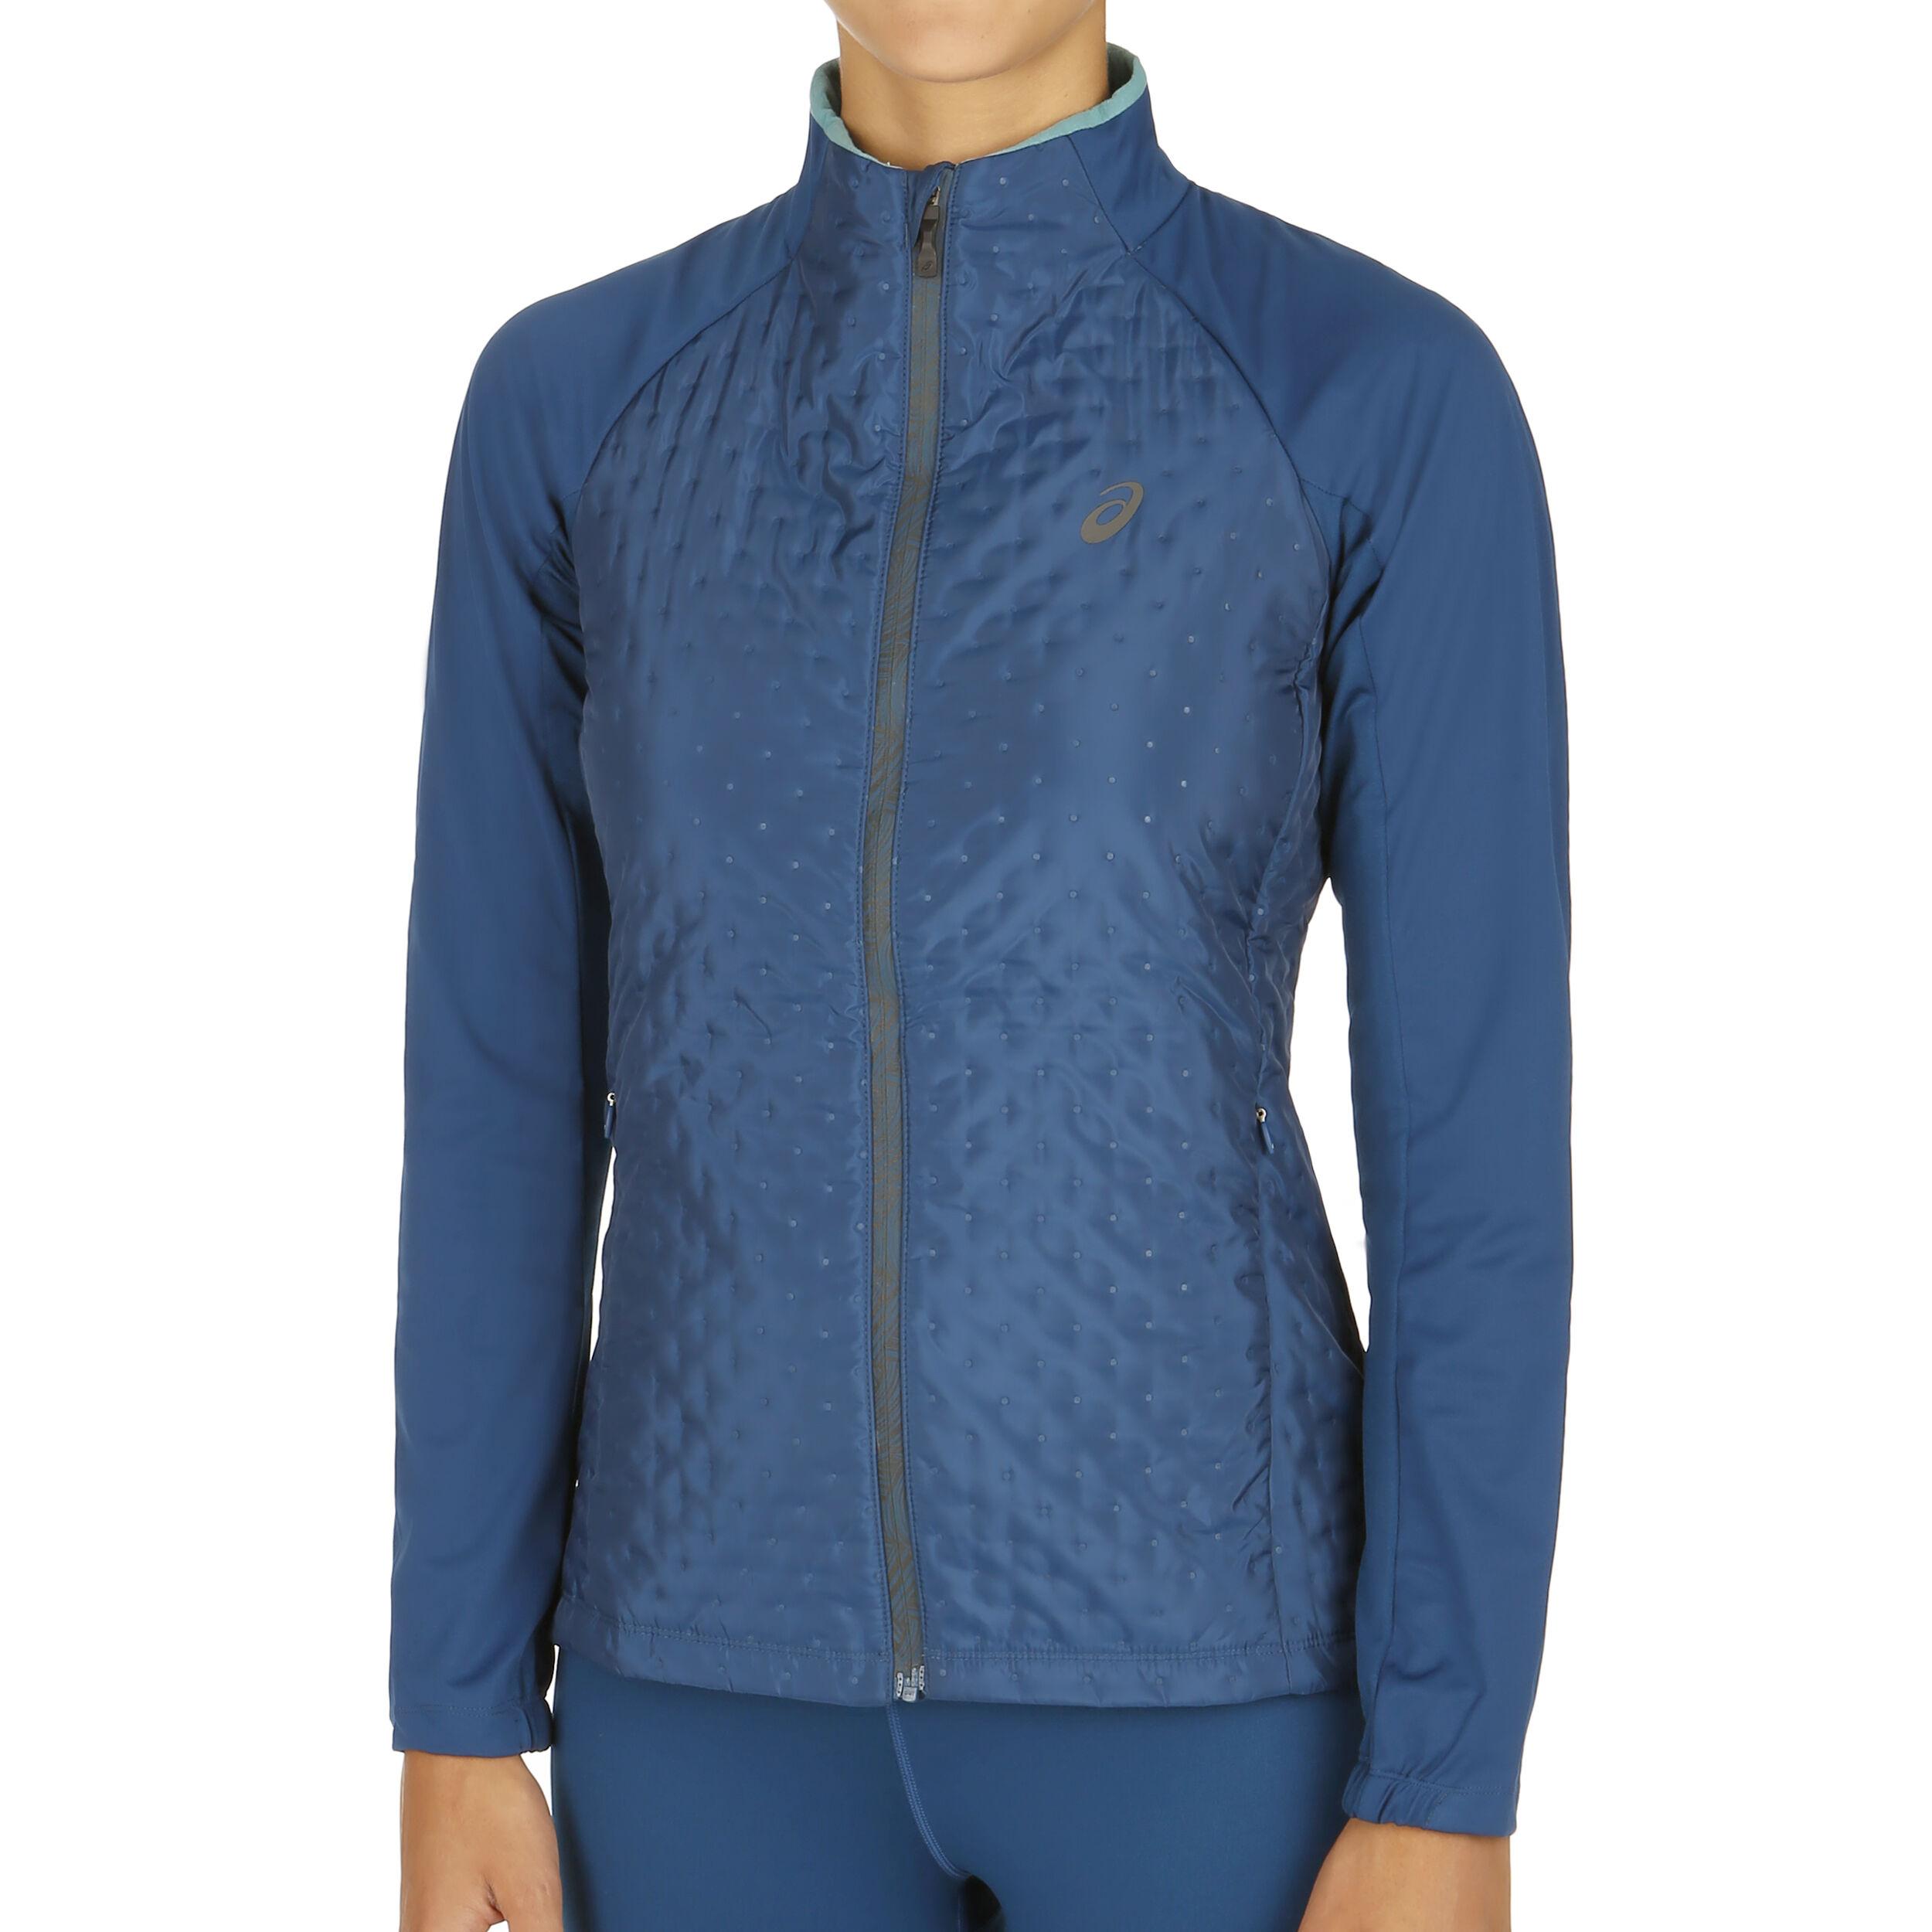 Asics Hybrid Trainingsjacke Damen Dunkelblau online kaufen